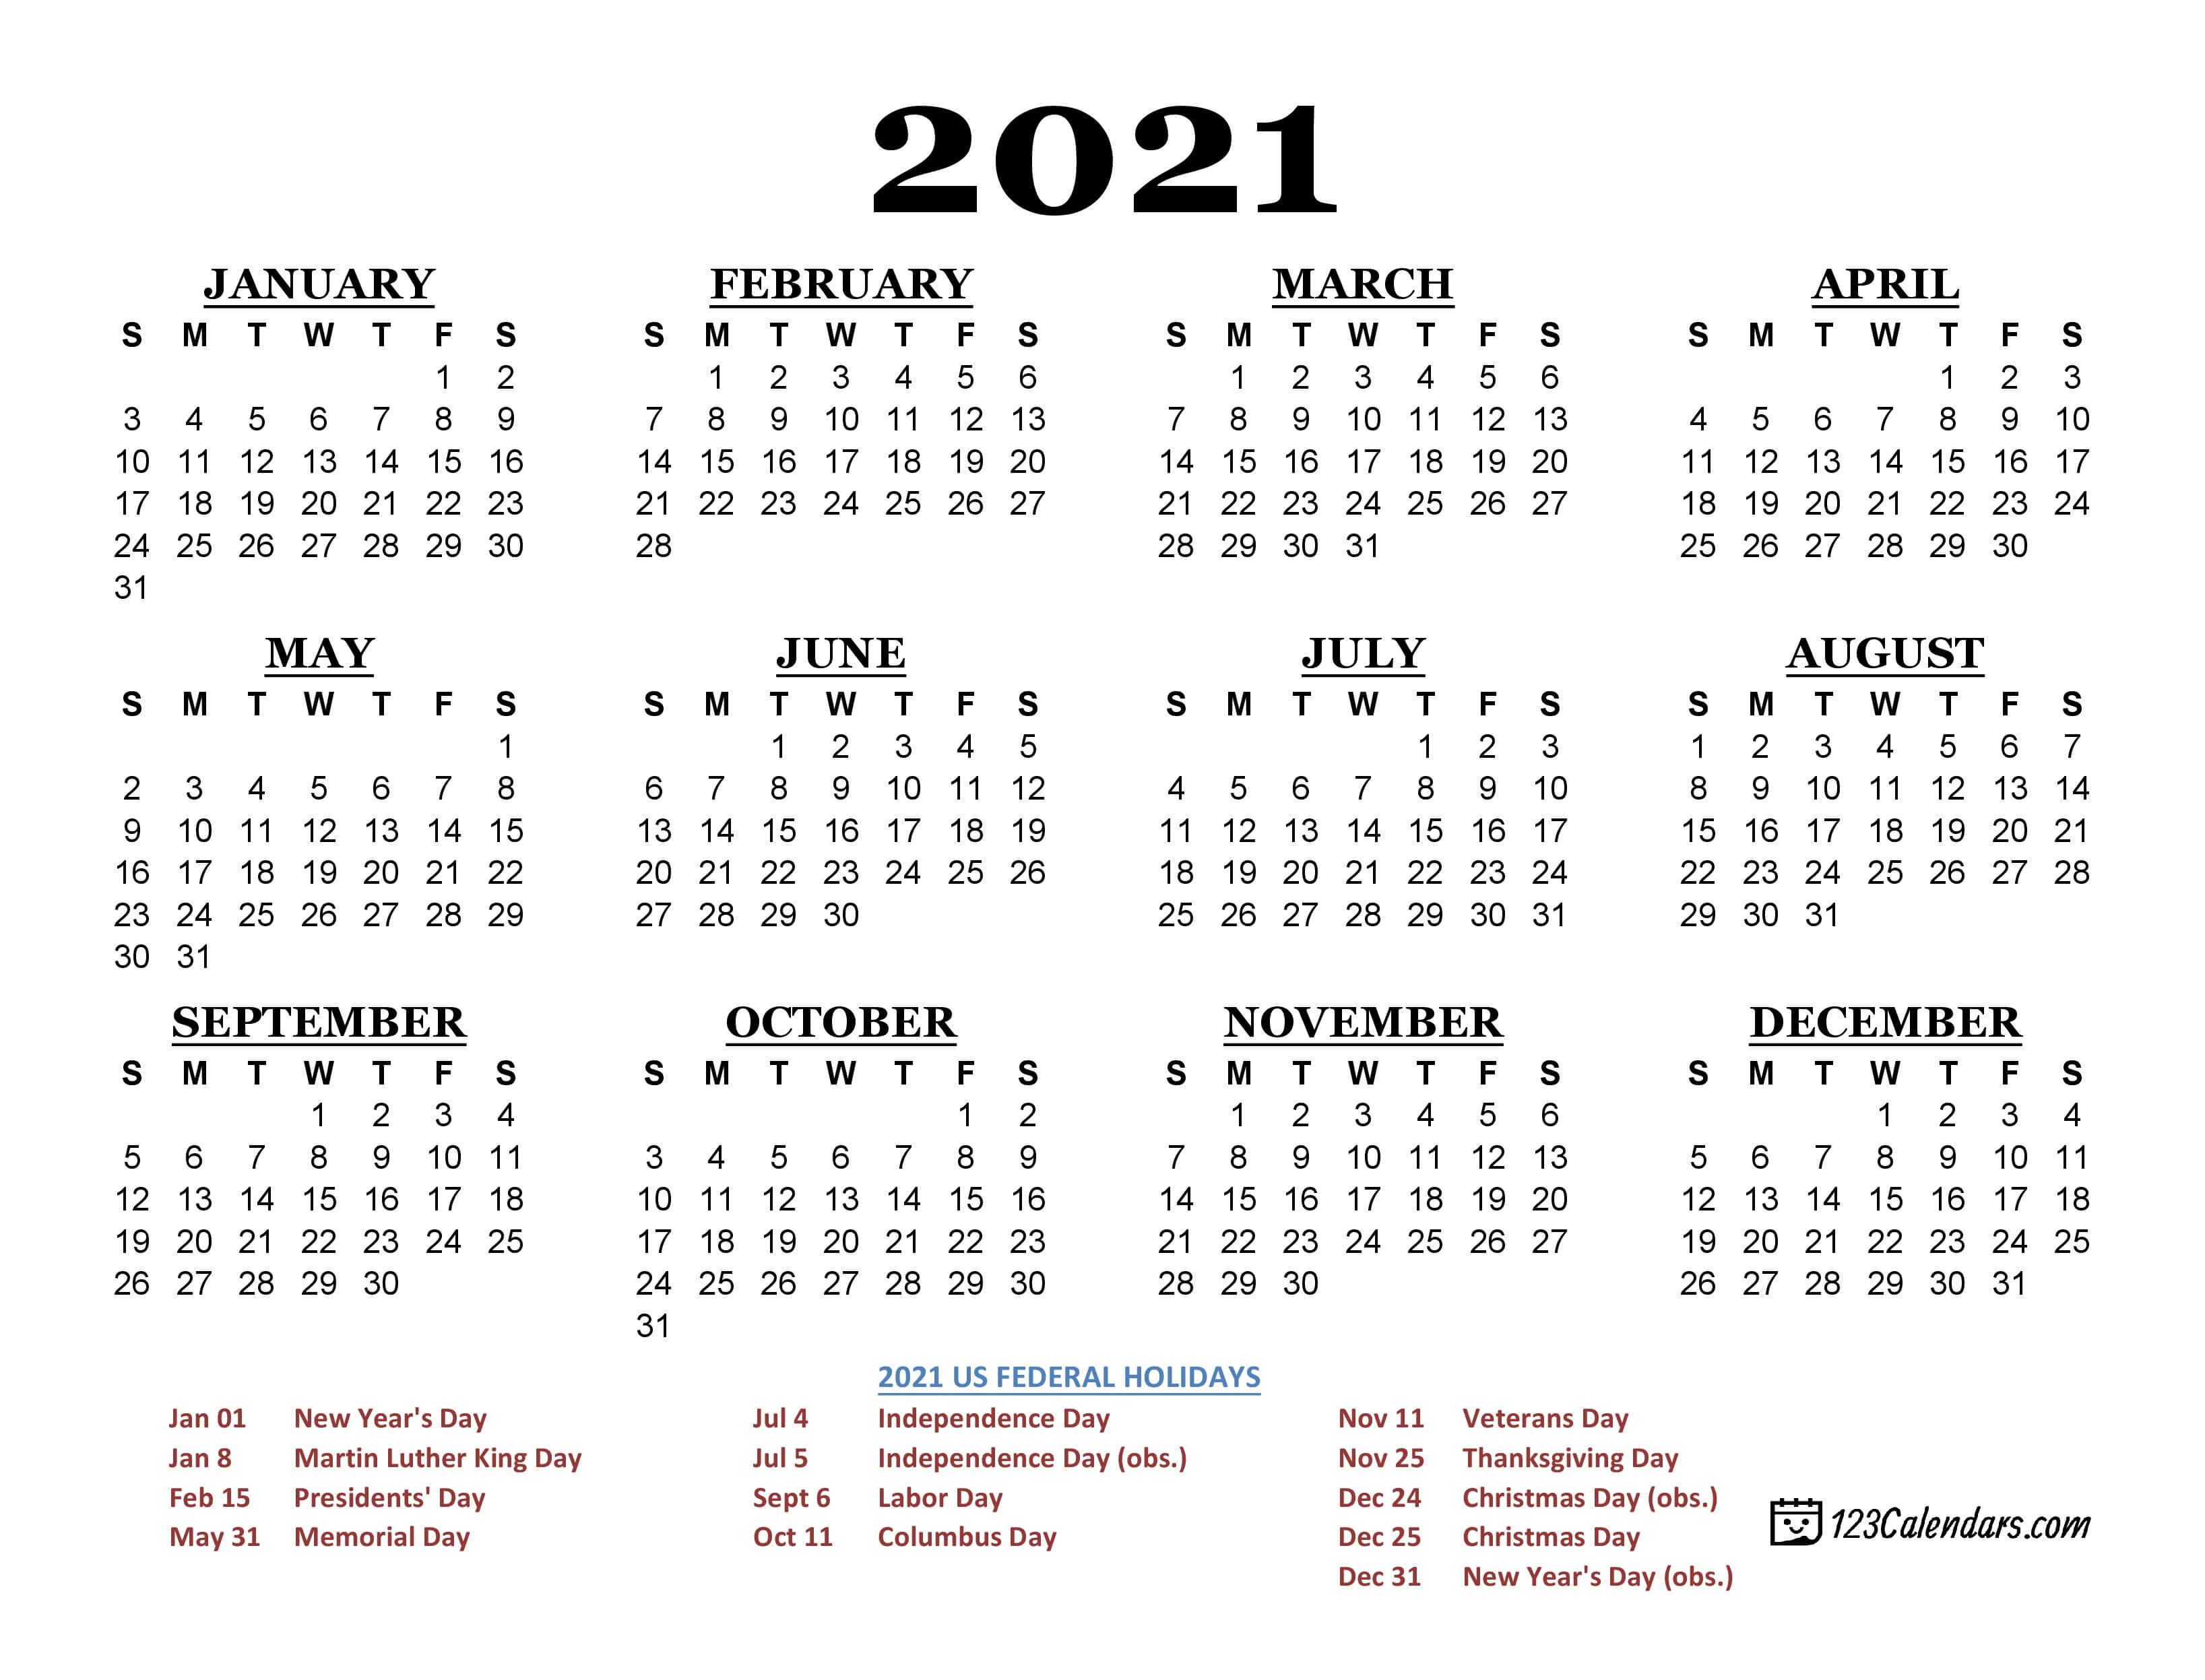 2021 Printable Calendar | 123Calendars.com